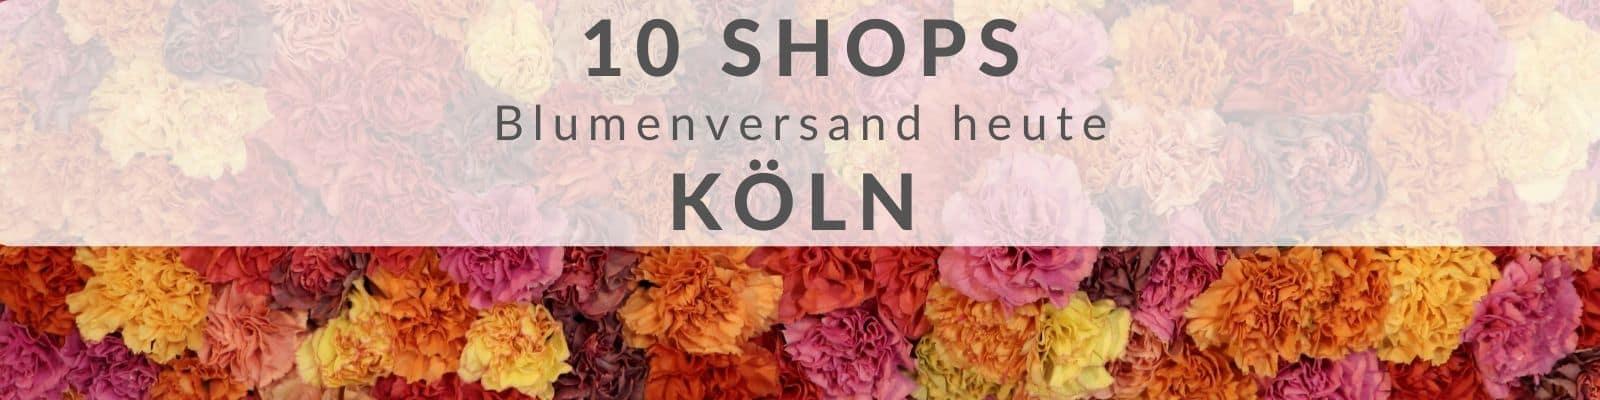 Blumen verschicken in Köln - Blumenversand Köln per Fleurop